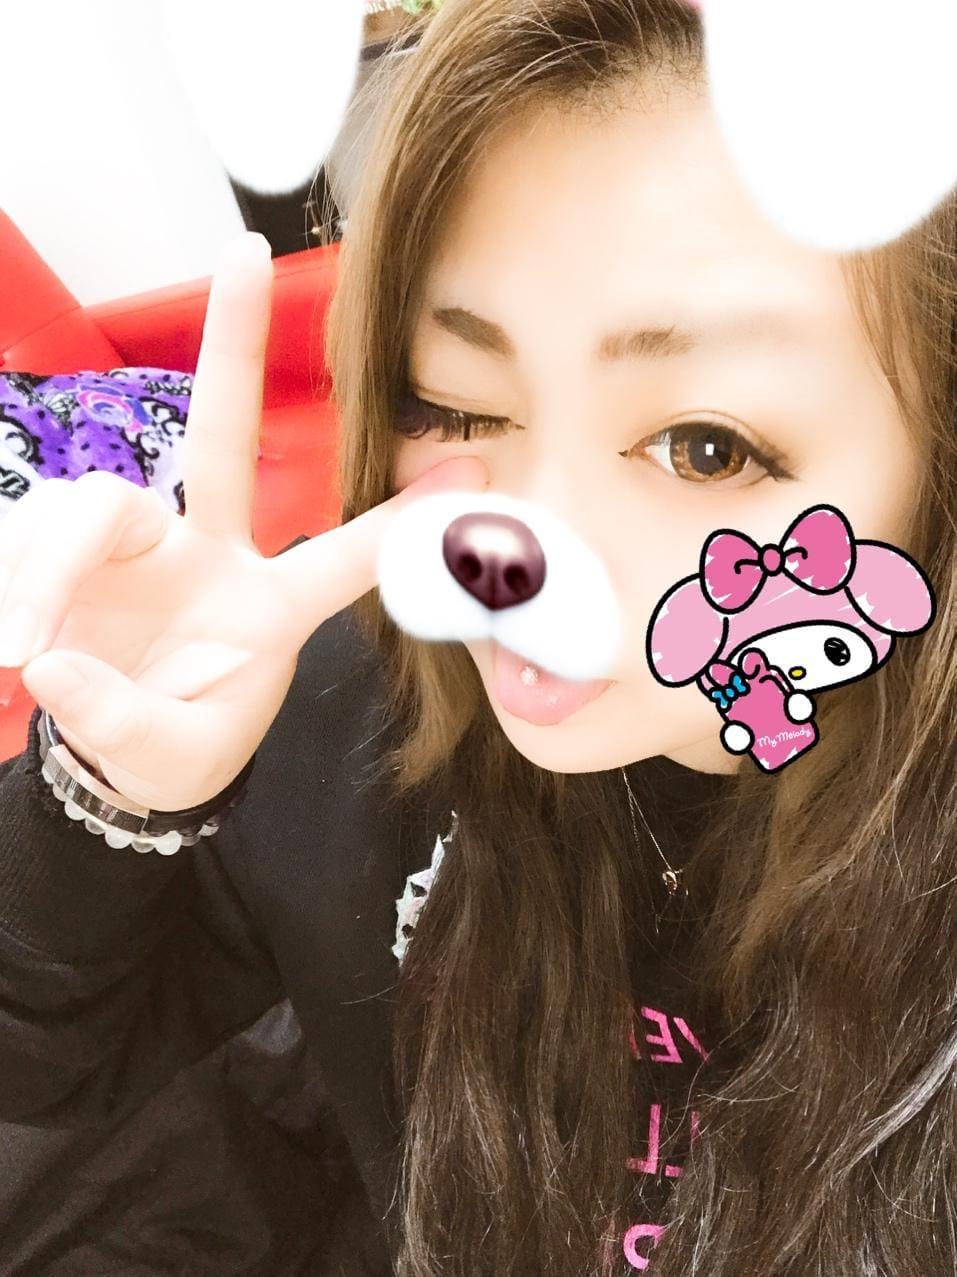 「みんな今日も♡/まったあっしたー♡」12/18(火) 22:51 | ゆりあちゃんの写メ・風俗動画